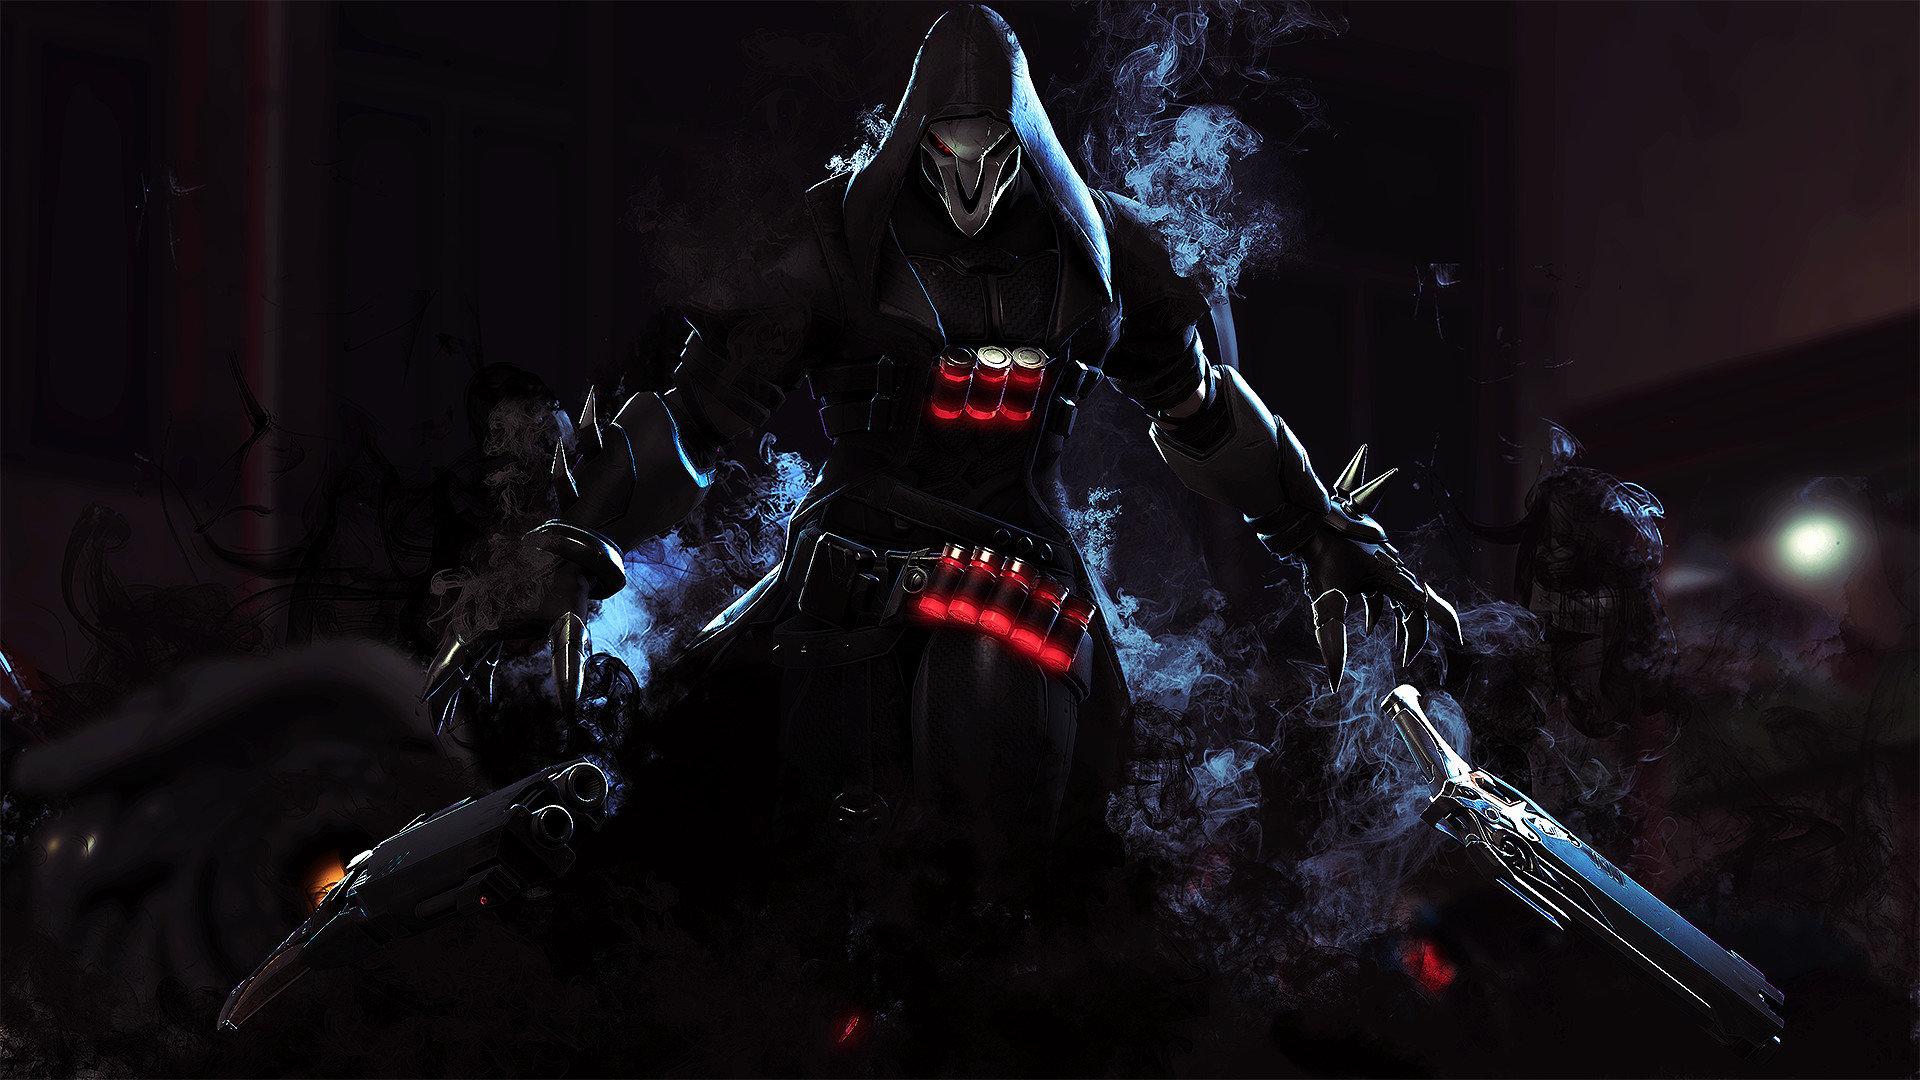 Reaper Overwatch wallpapers 1920x1080 Full HD 1080p desktop 1920x1080